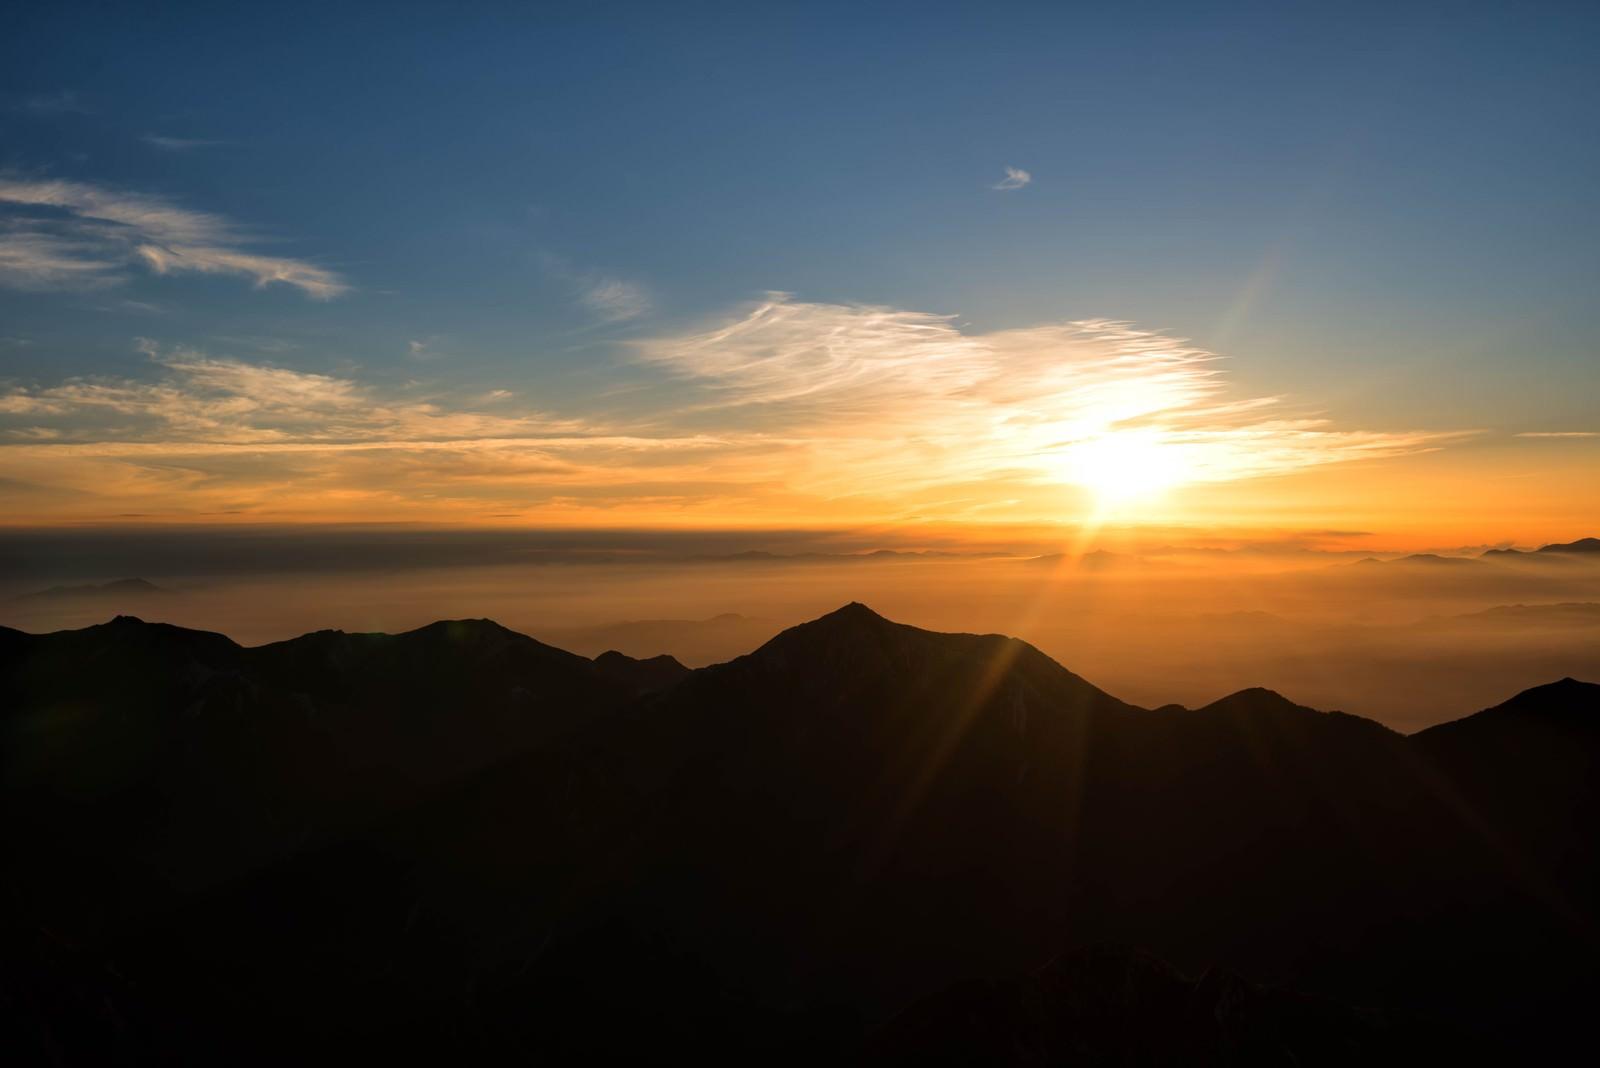 「常念山脈から昇る朝日」の写真